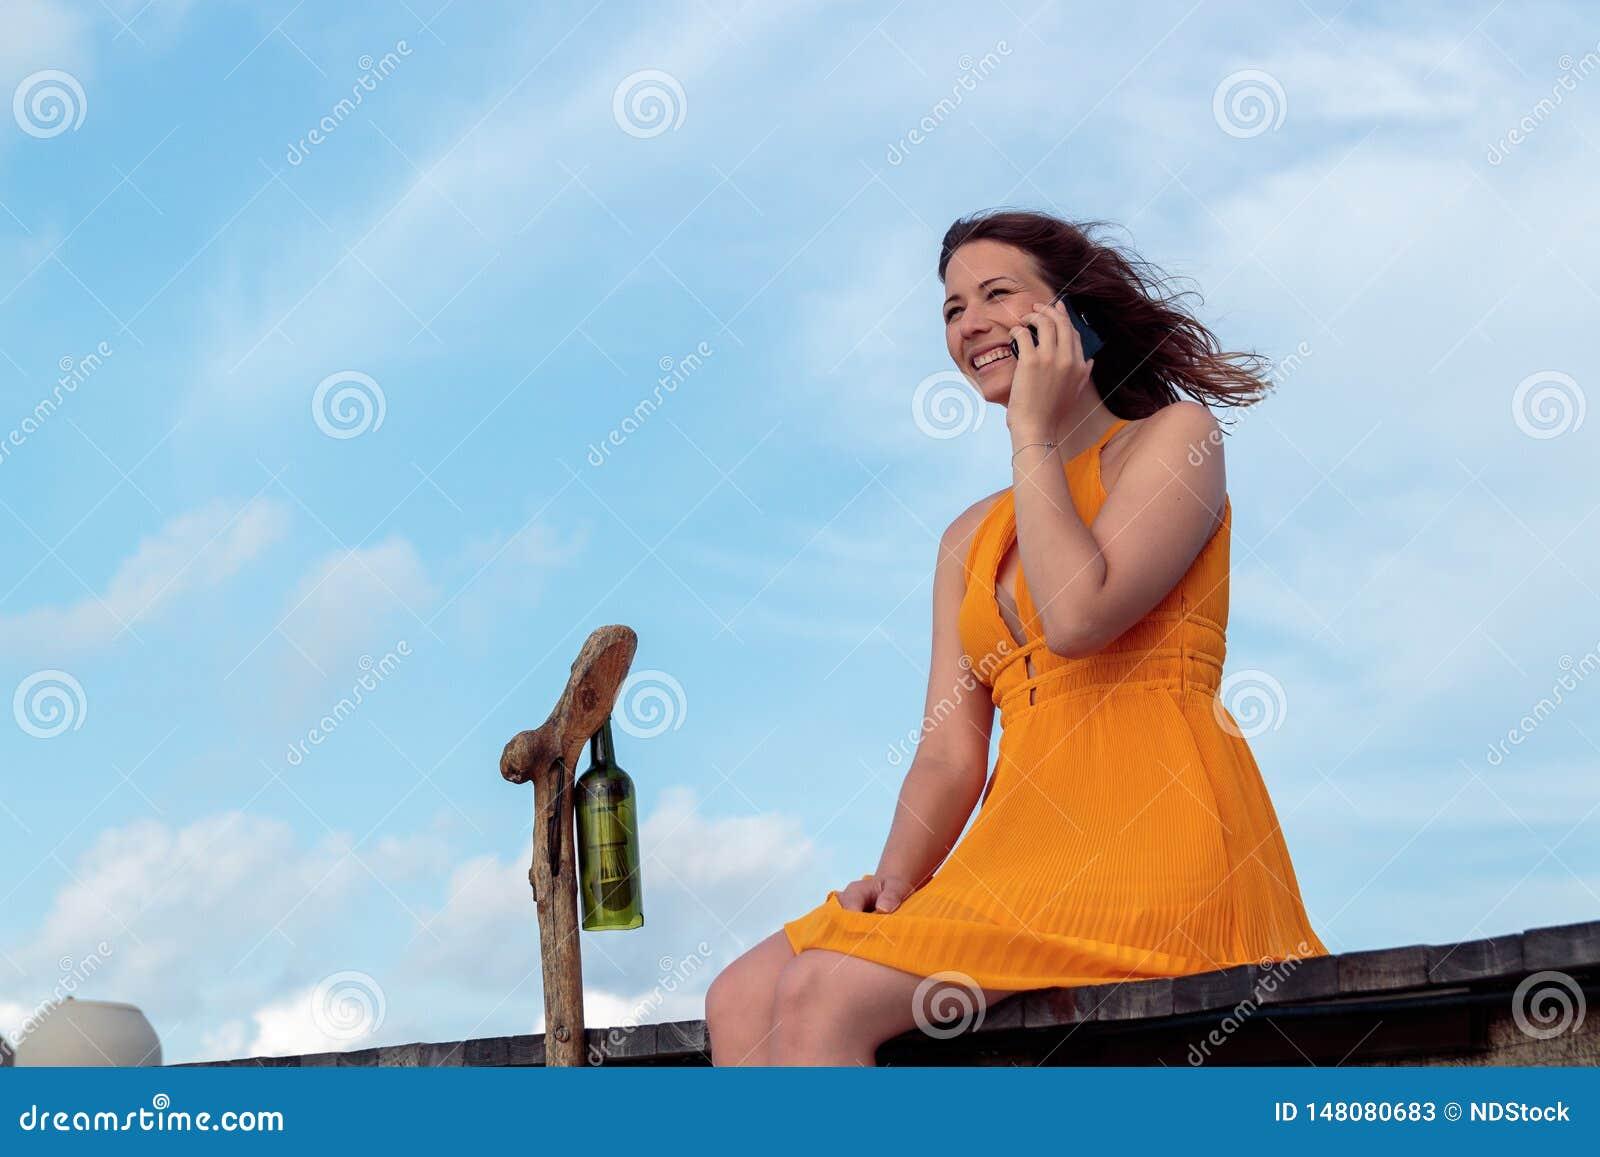 Femme assise sur un pilier dans un emplacement tropical utilisant son smartphone et sourire Ciel avec des nuages comme fond